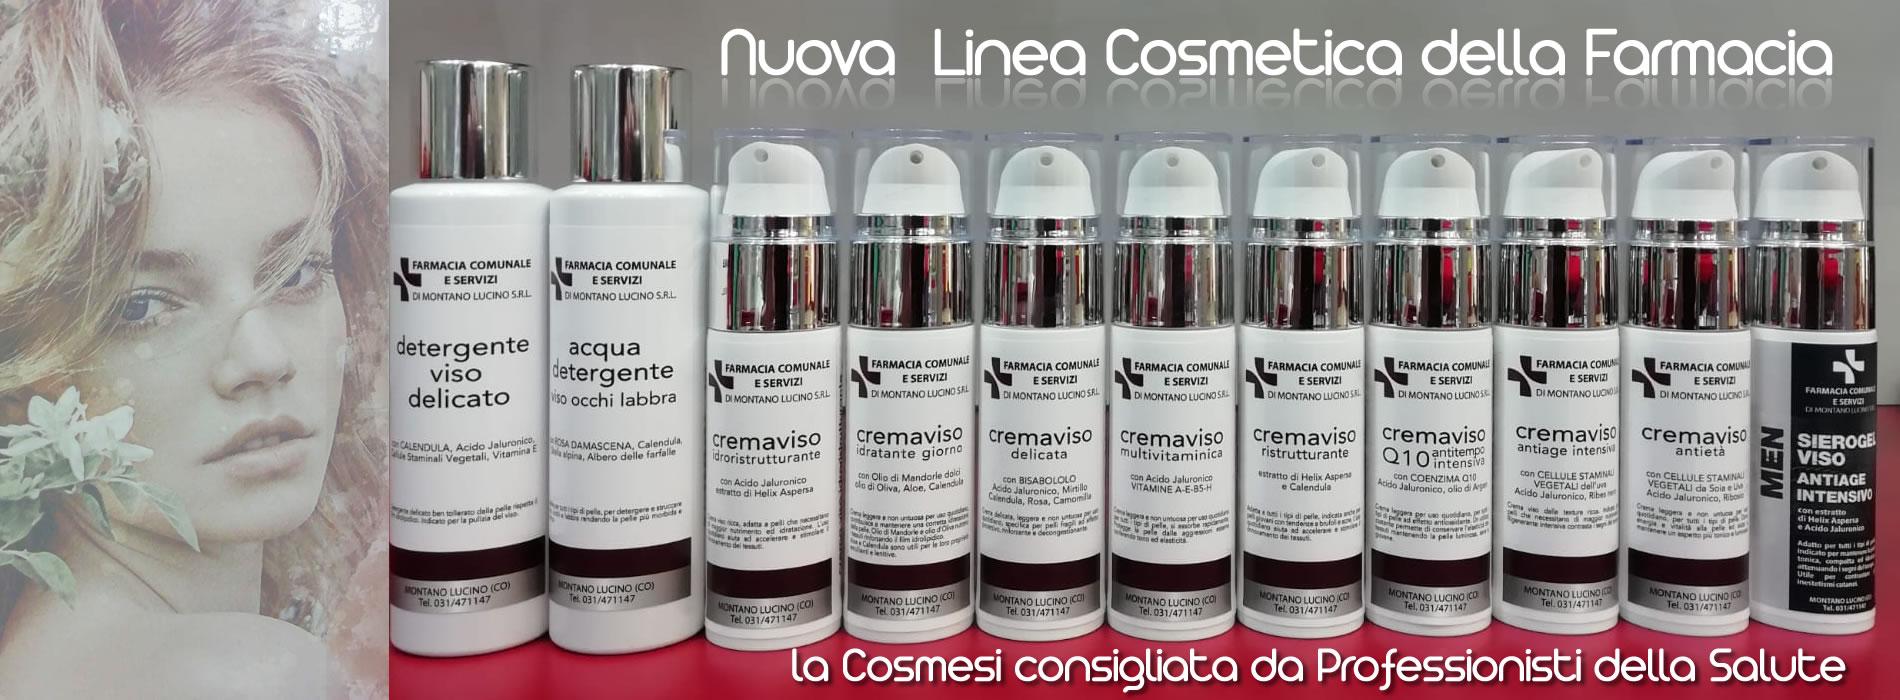 linea-cosmetica-farmacia